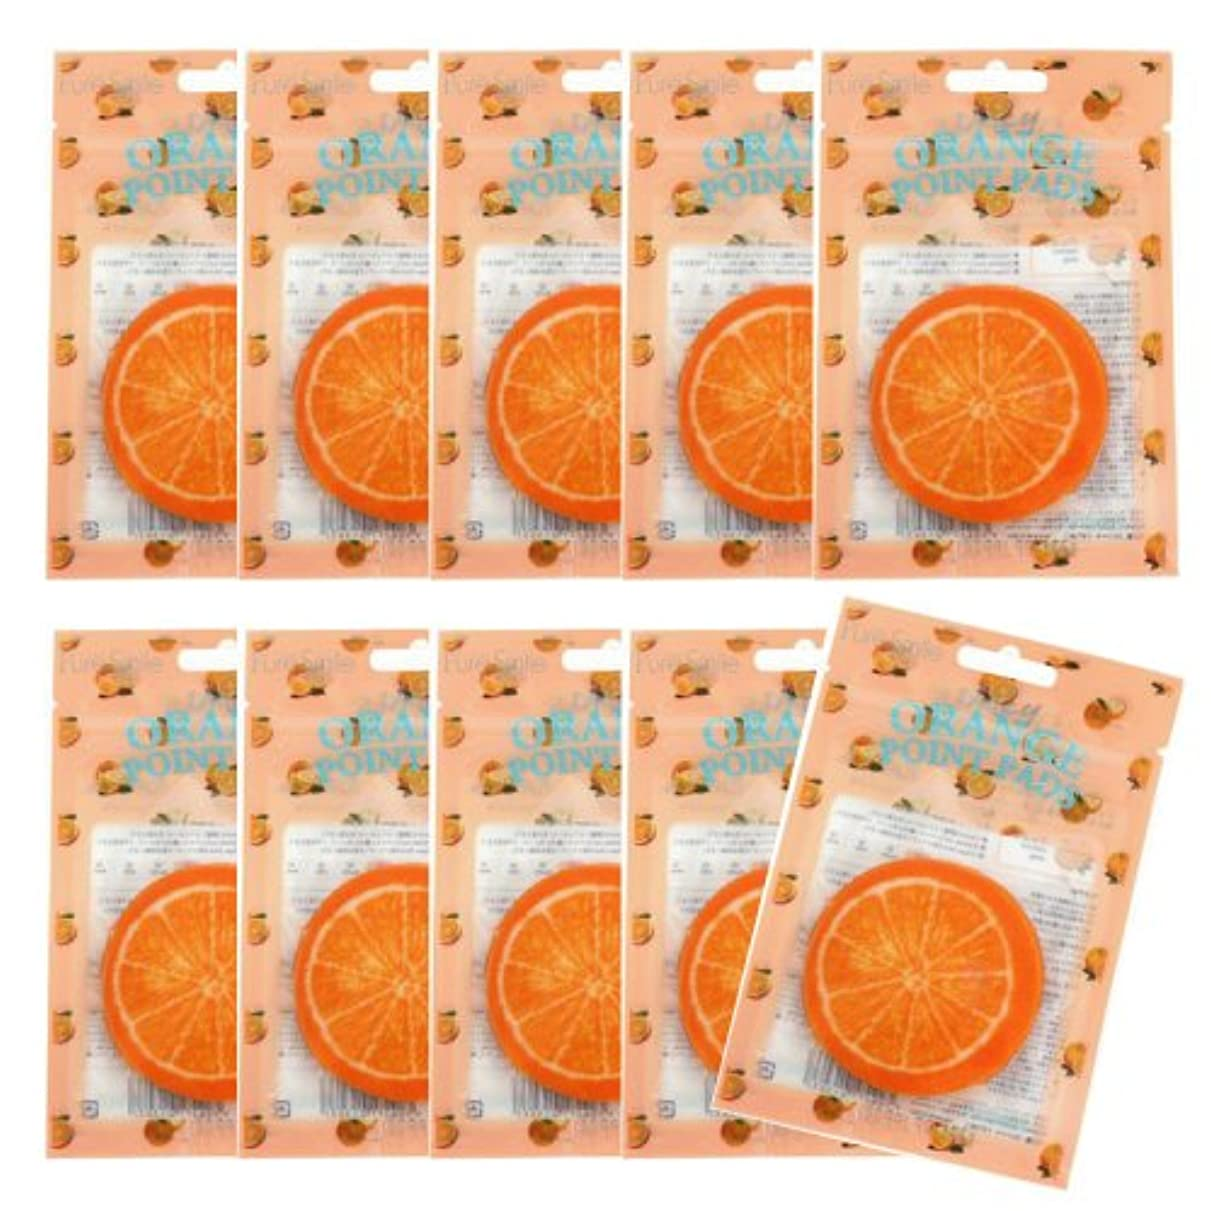 共産主義モニカ眼ピュアスマイル ジューシーポイントパッド オレンジ10パックセット(1パック10枚入 合計100枚)